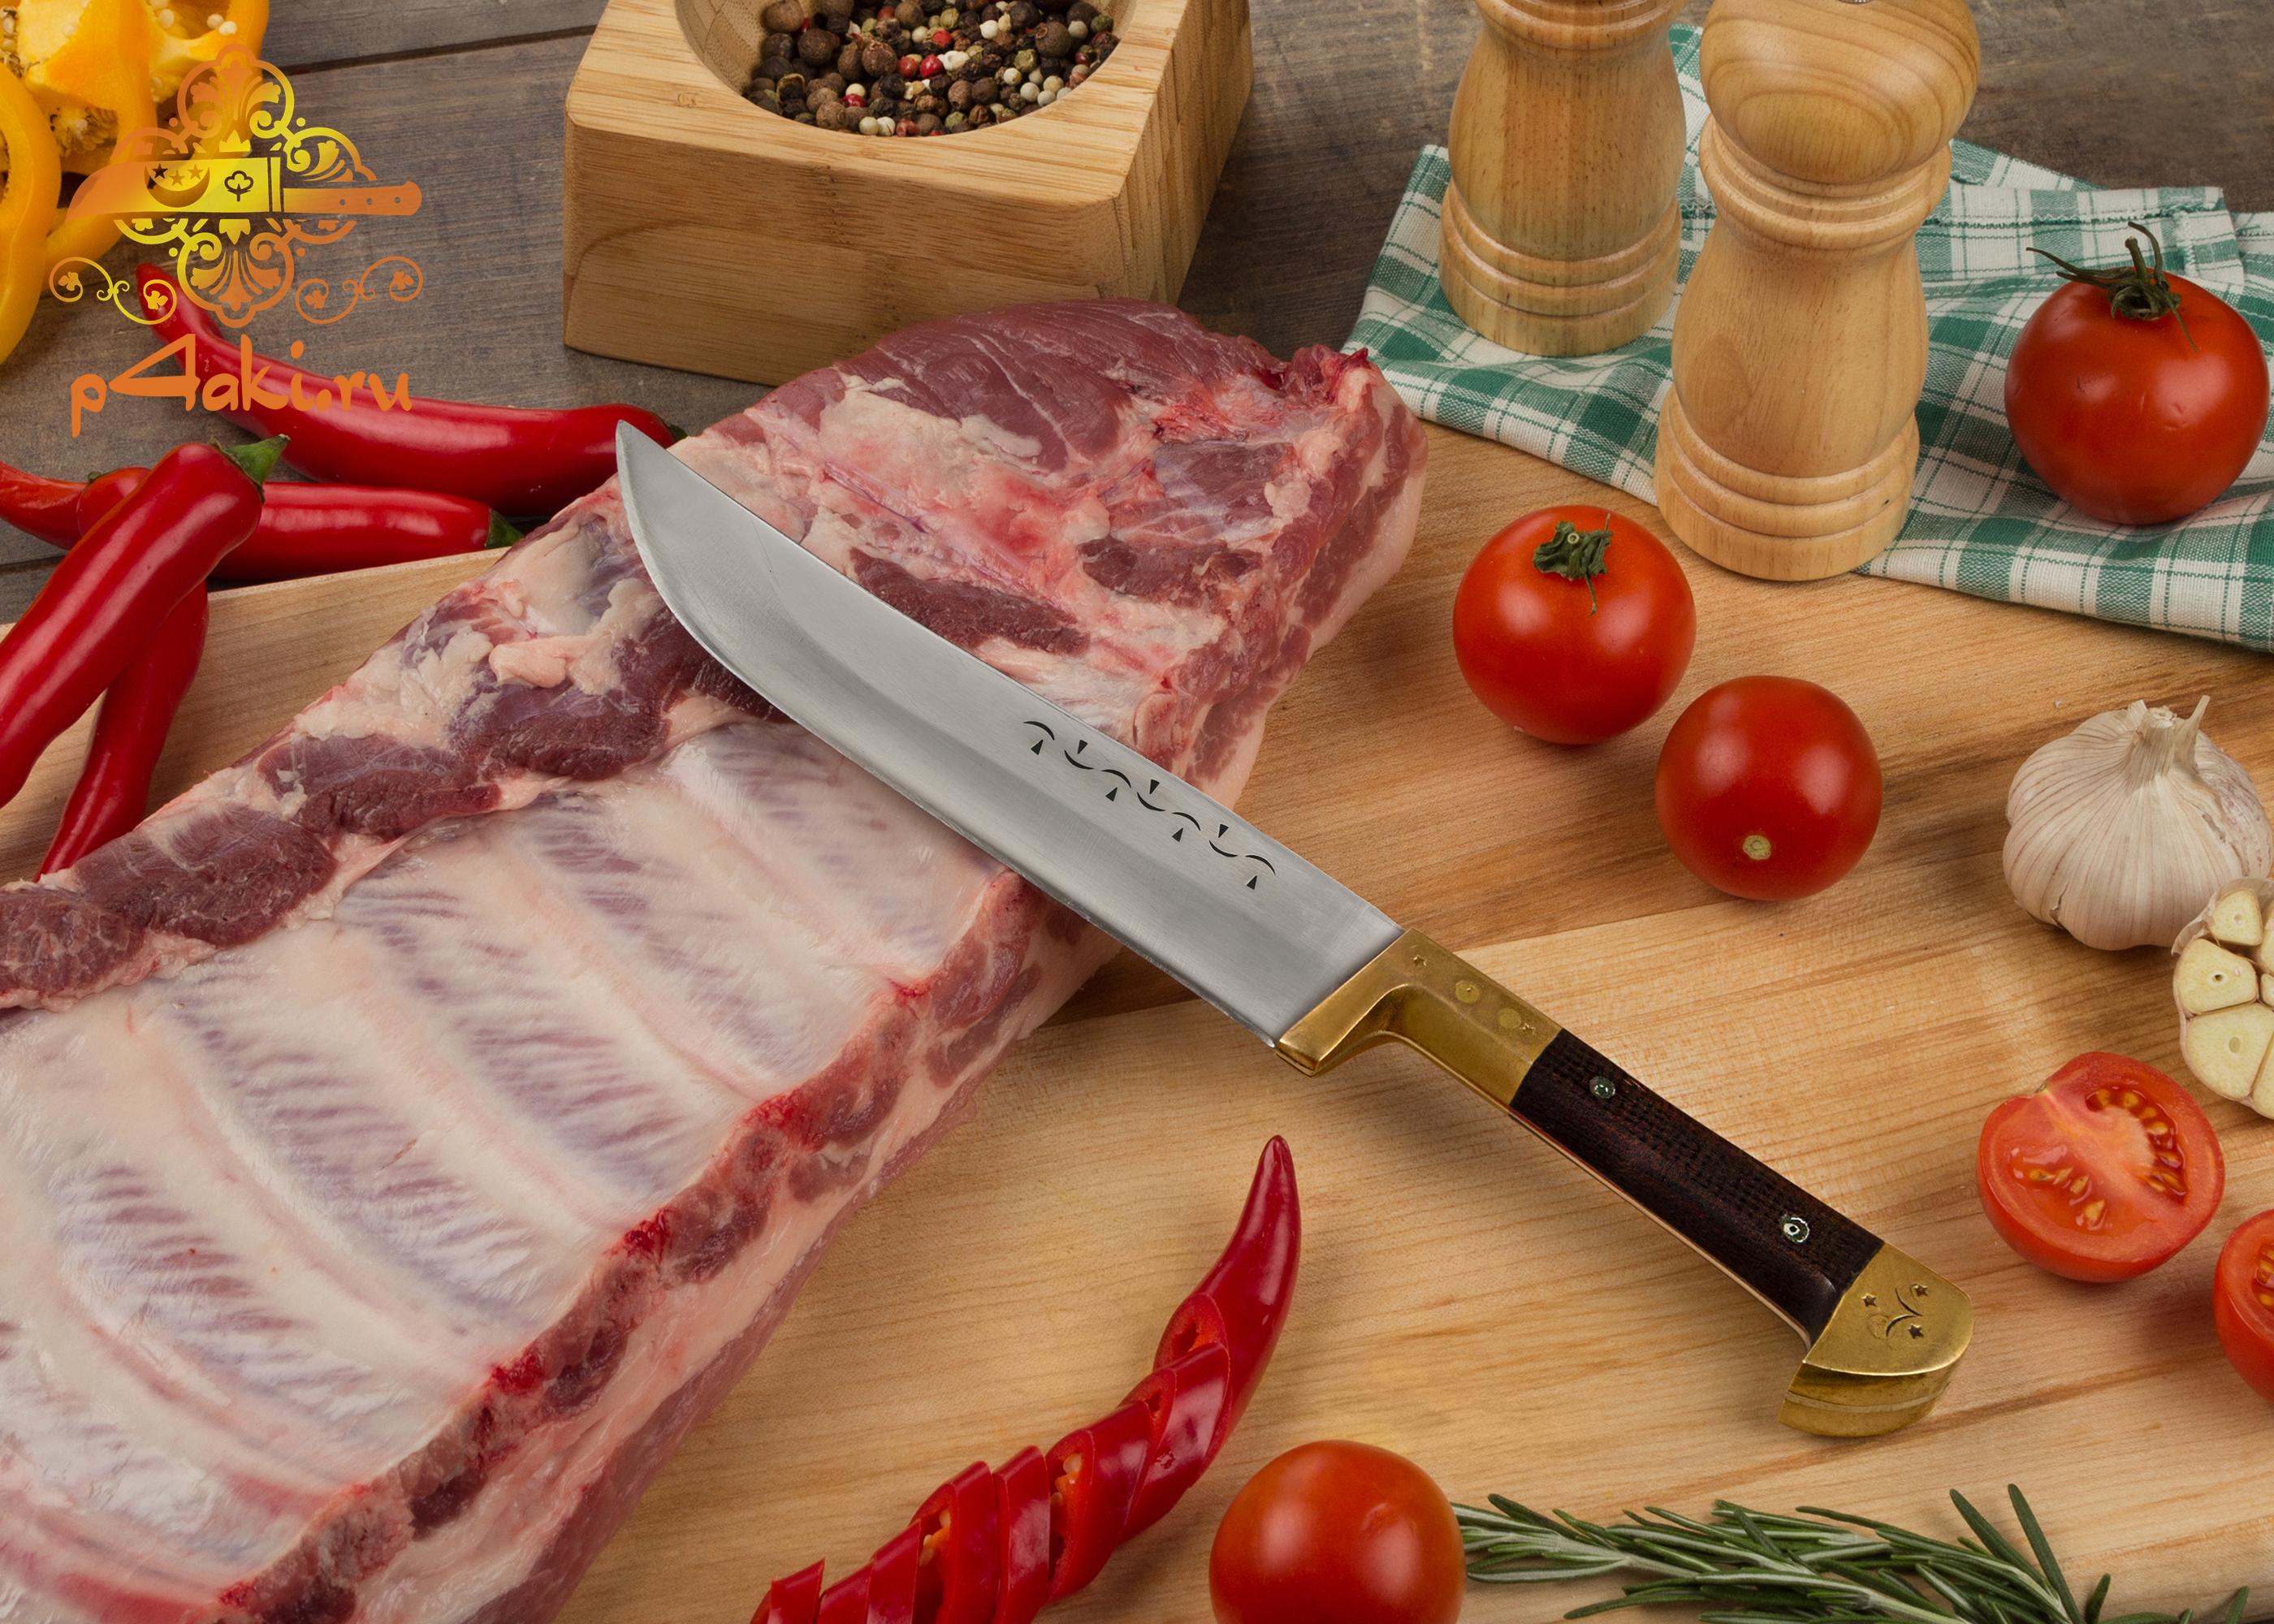 Узбекский нож пчак из СССР (монтаж накладки «ерма даста» — рукоятка из латуни, текстолита.)